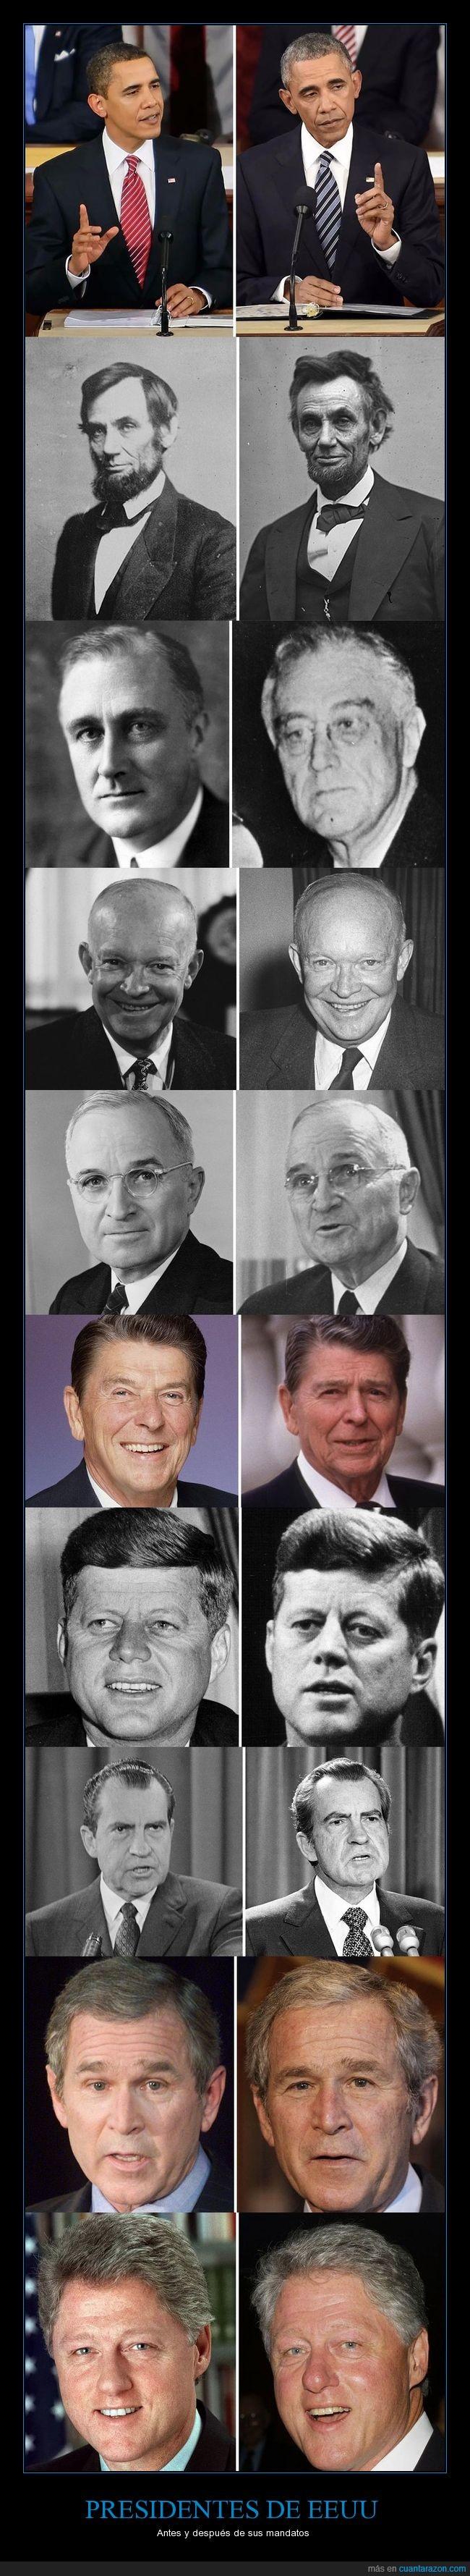 eeuu,estados unidos,presidentes,usa